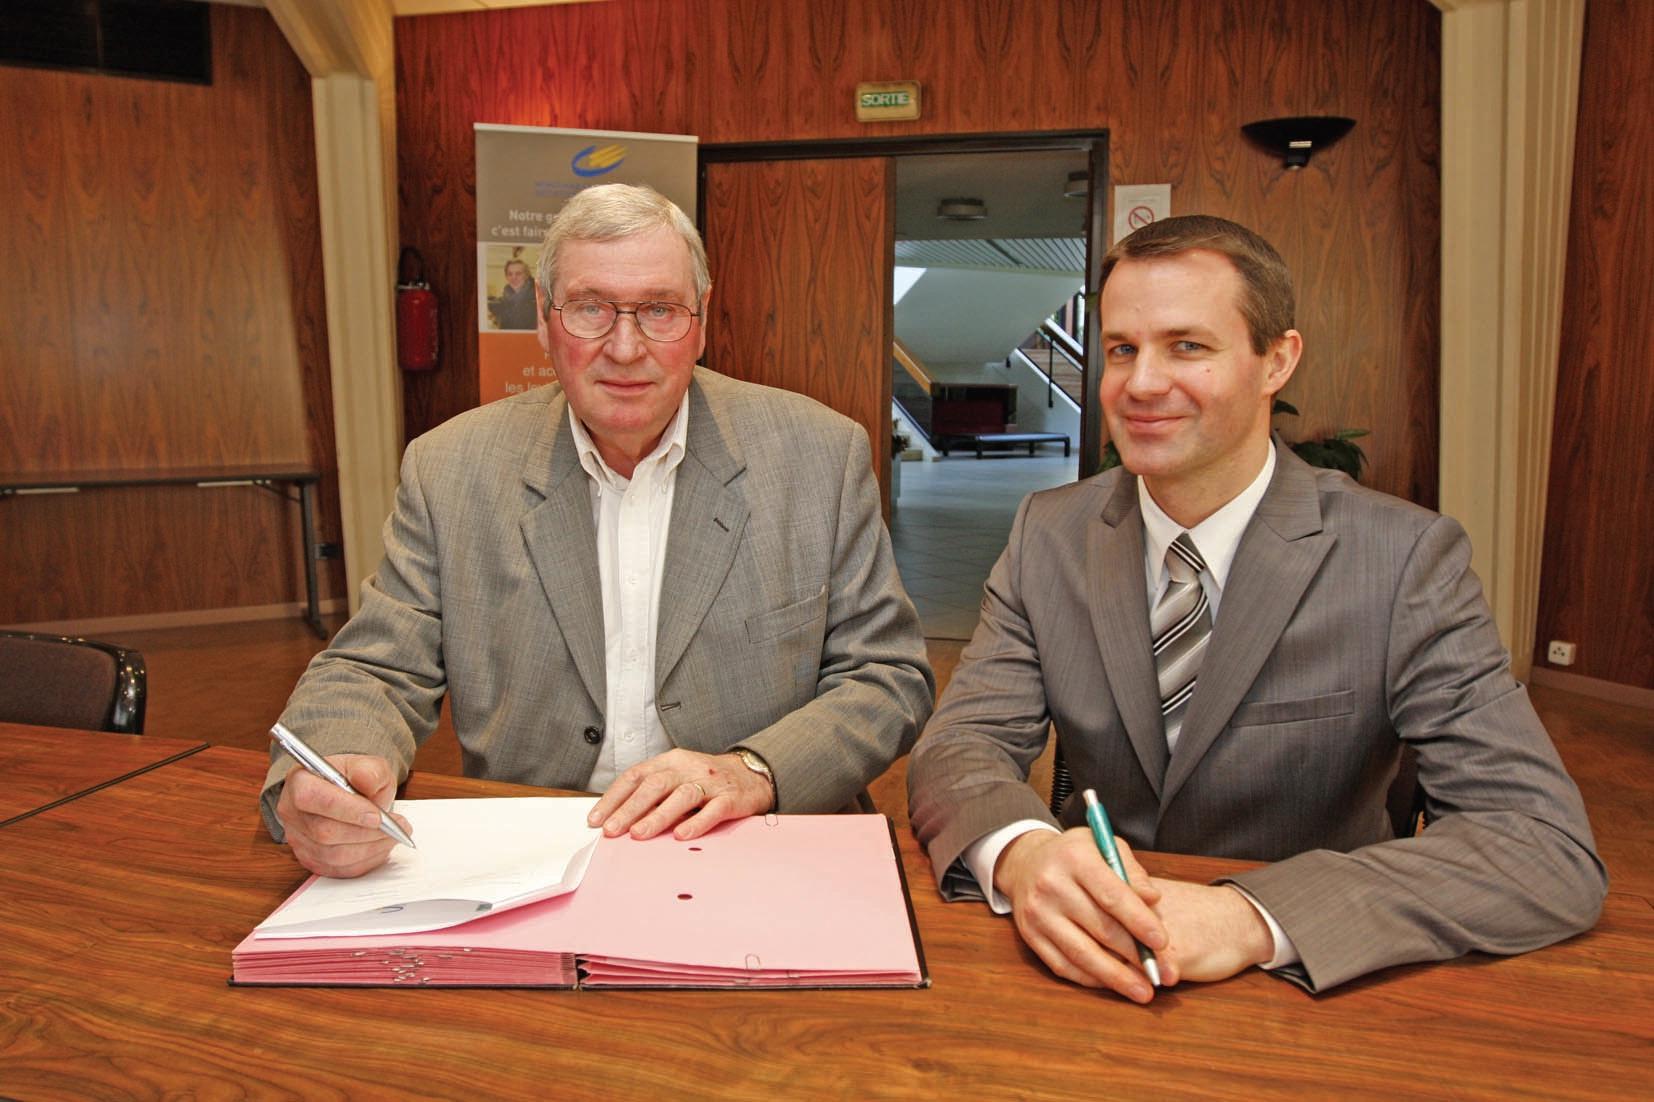 Roger Delmarre et Freddy Piqué ont signé une convention liant Gohelle initiative au CIC pour une année.